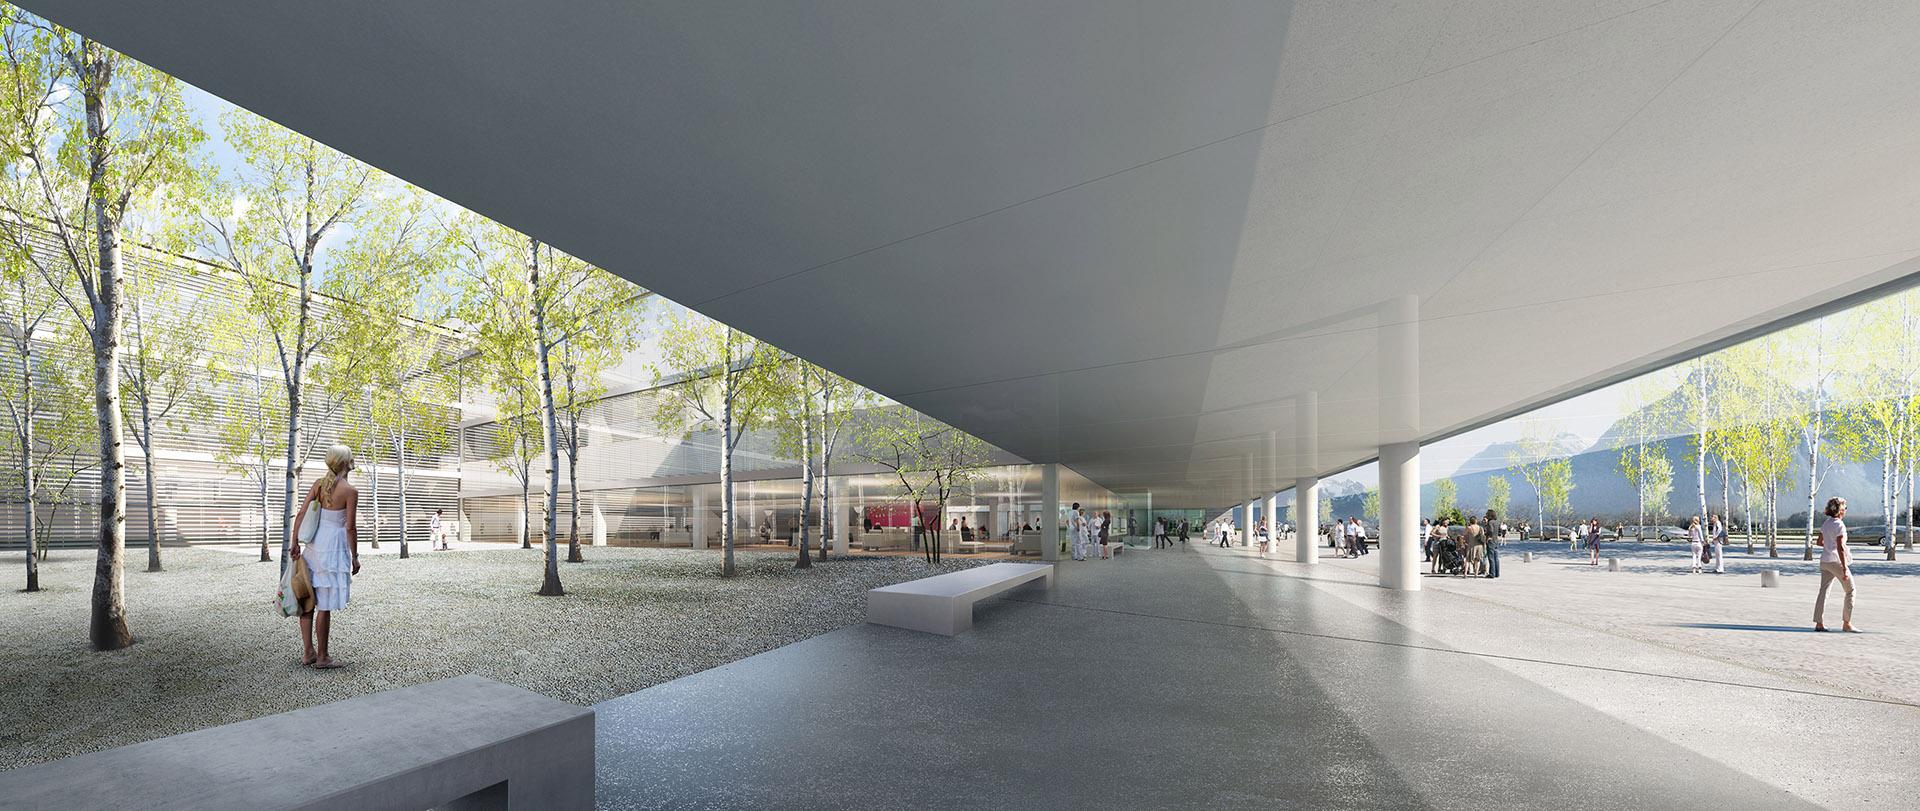 Perspective de concours - BRUNET SAUNIER ARCHITECTURE - Hôpital Rennaz en Suisse